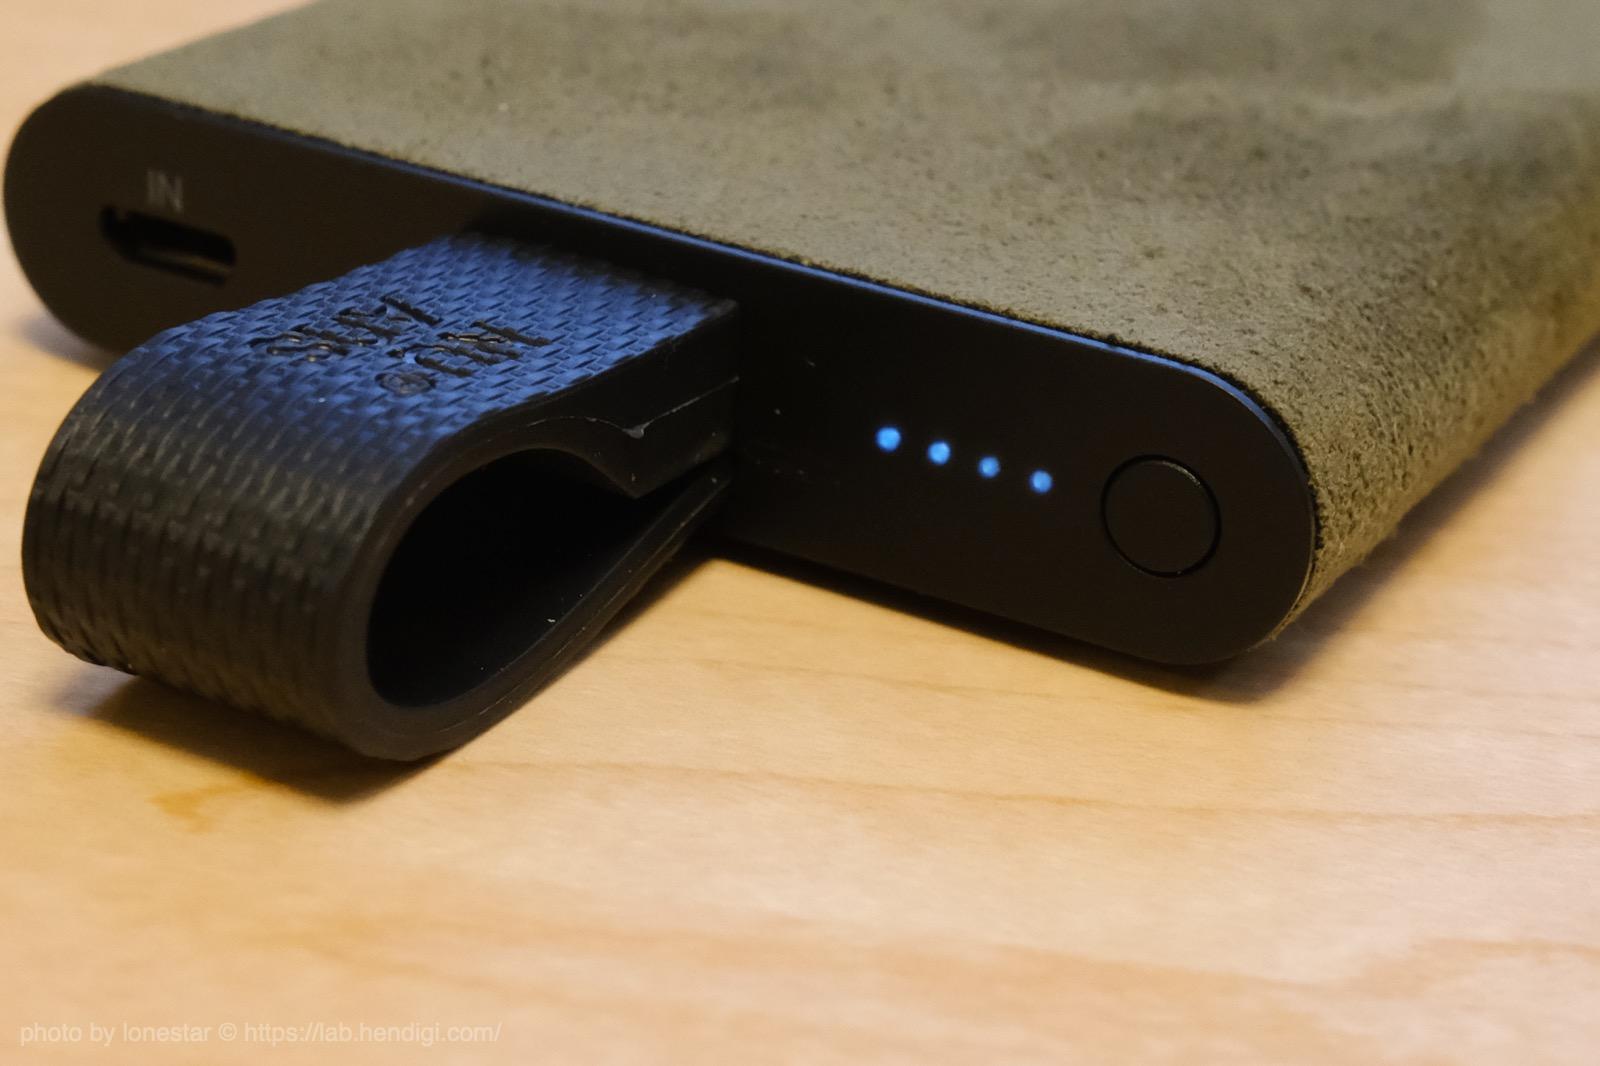 NuAns モバイルバッテリー レビュー